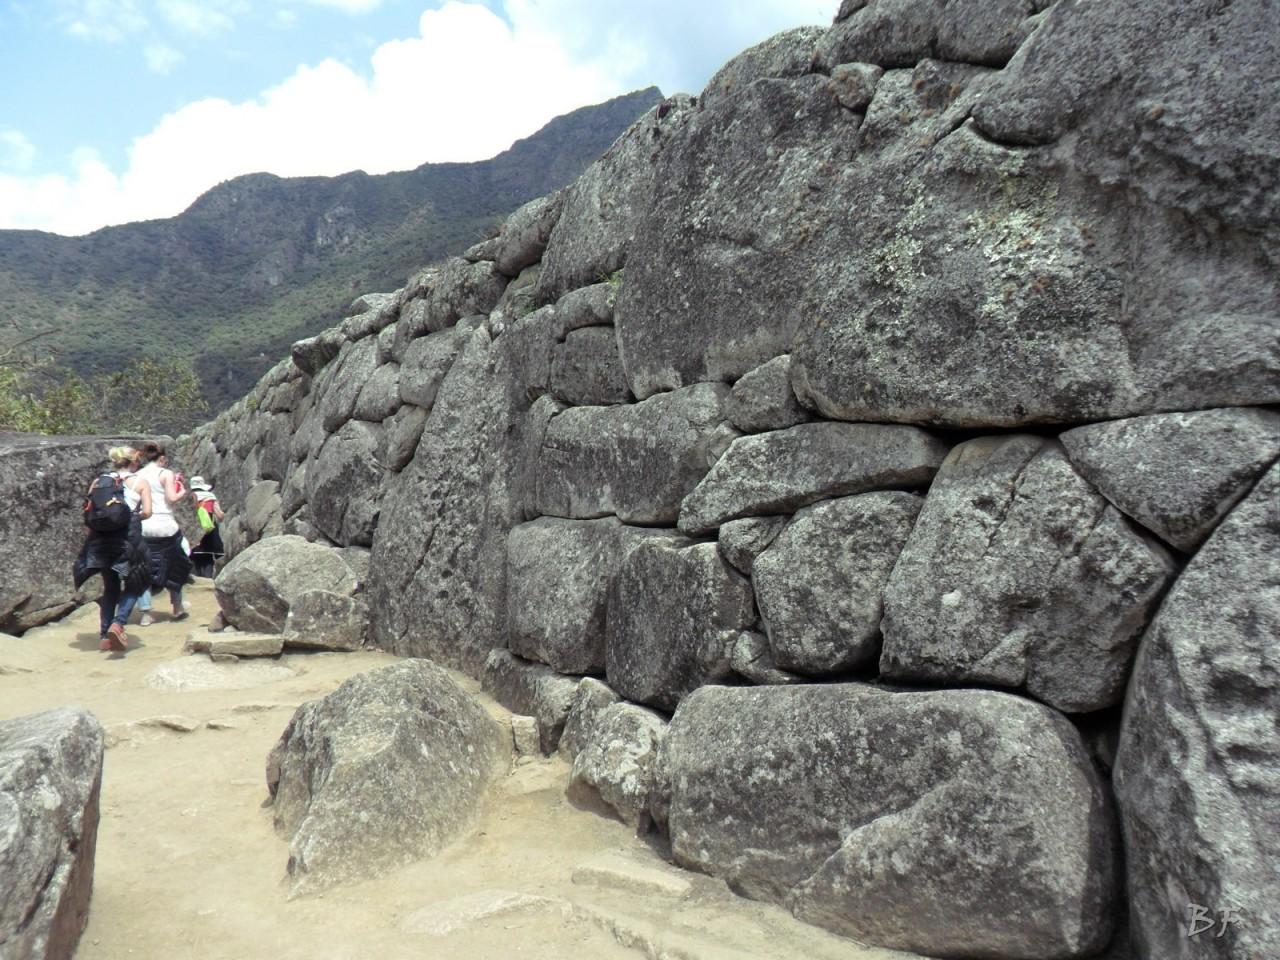 Mura-Poligonali-Incisioni-Altari-Edifici-Rupestri-Megaliti-Machu-Picchu-Aguas-Calientes-Urubamba-Cusco-Perù-129